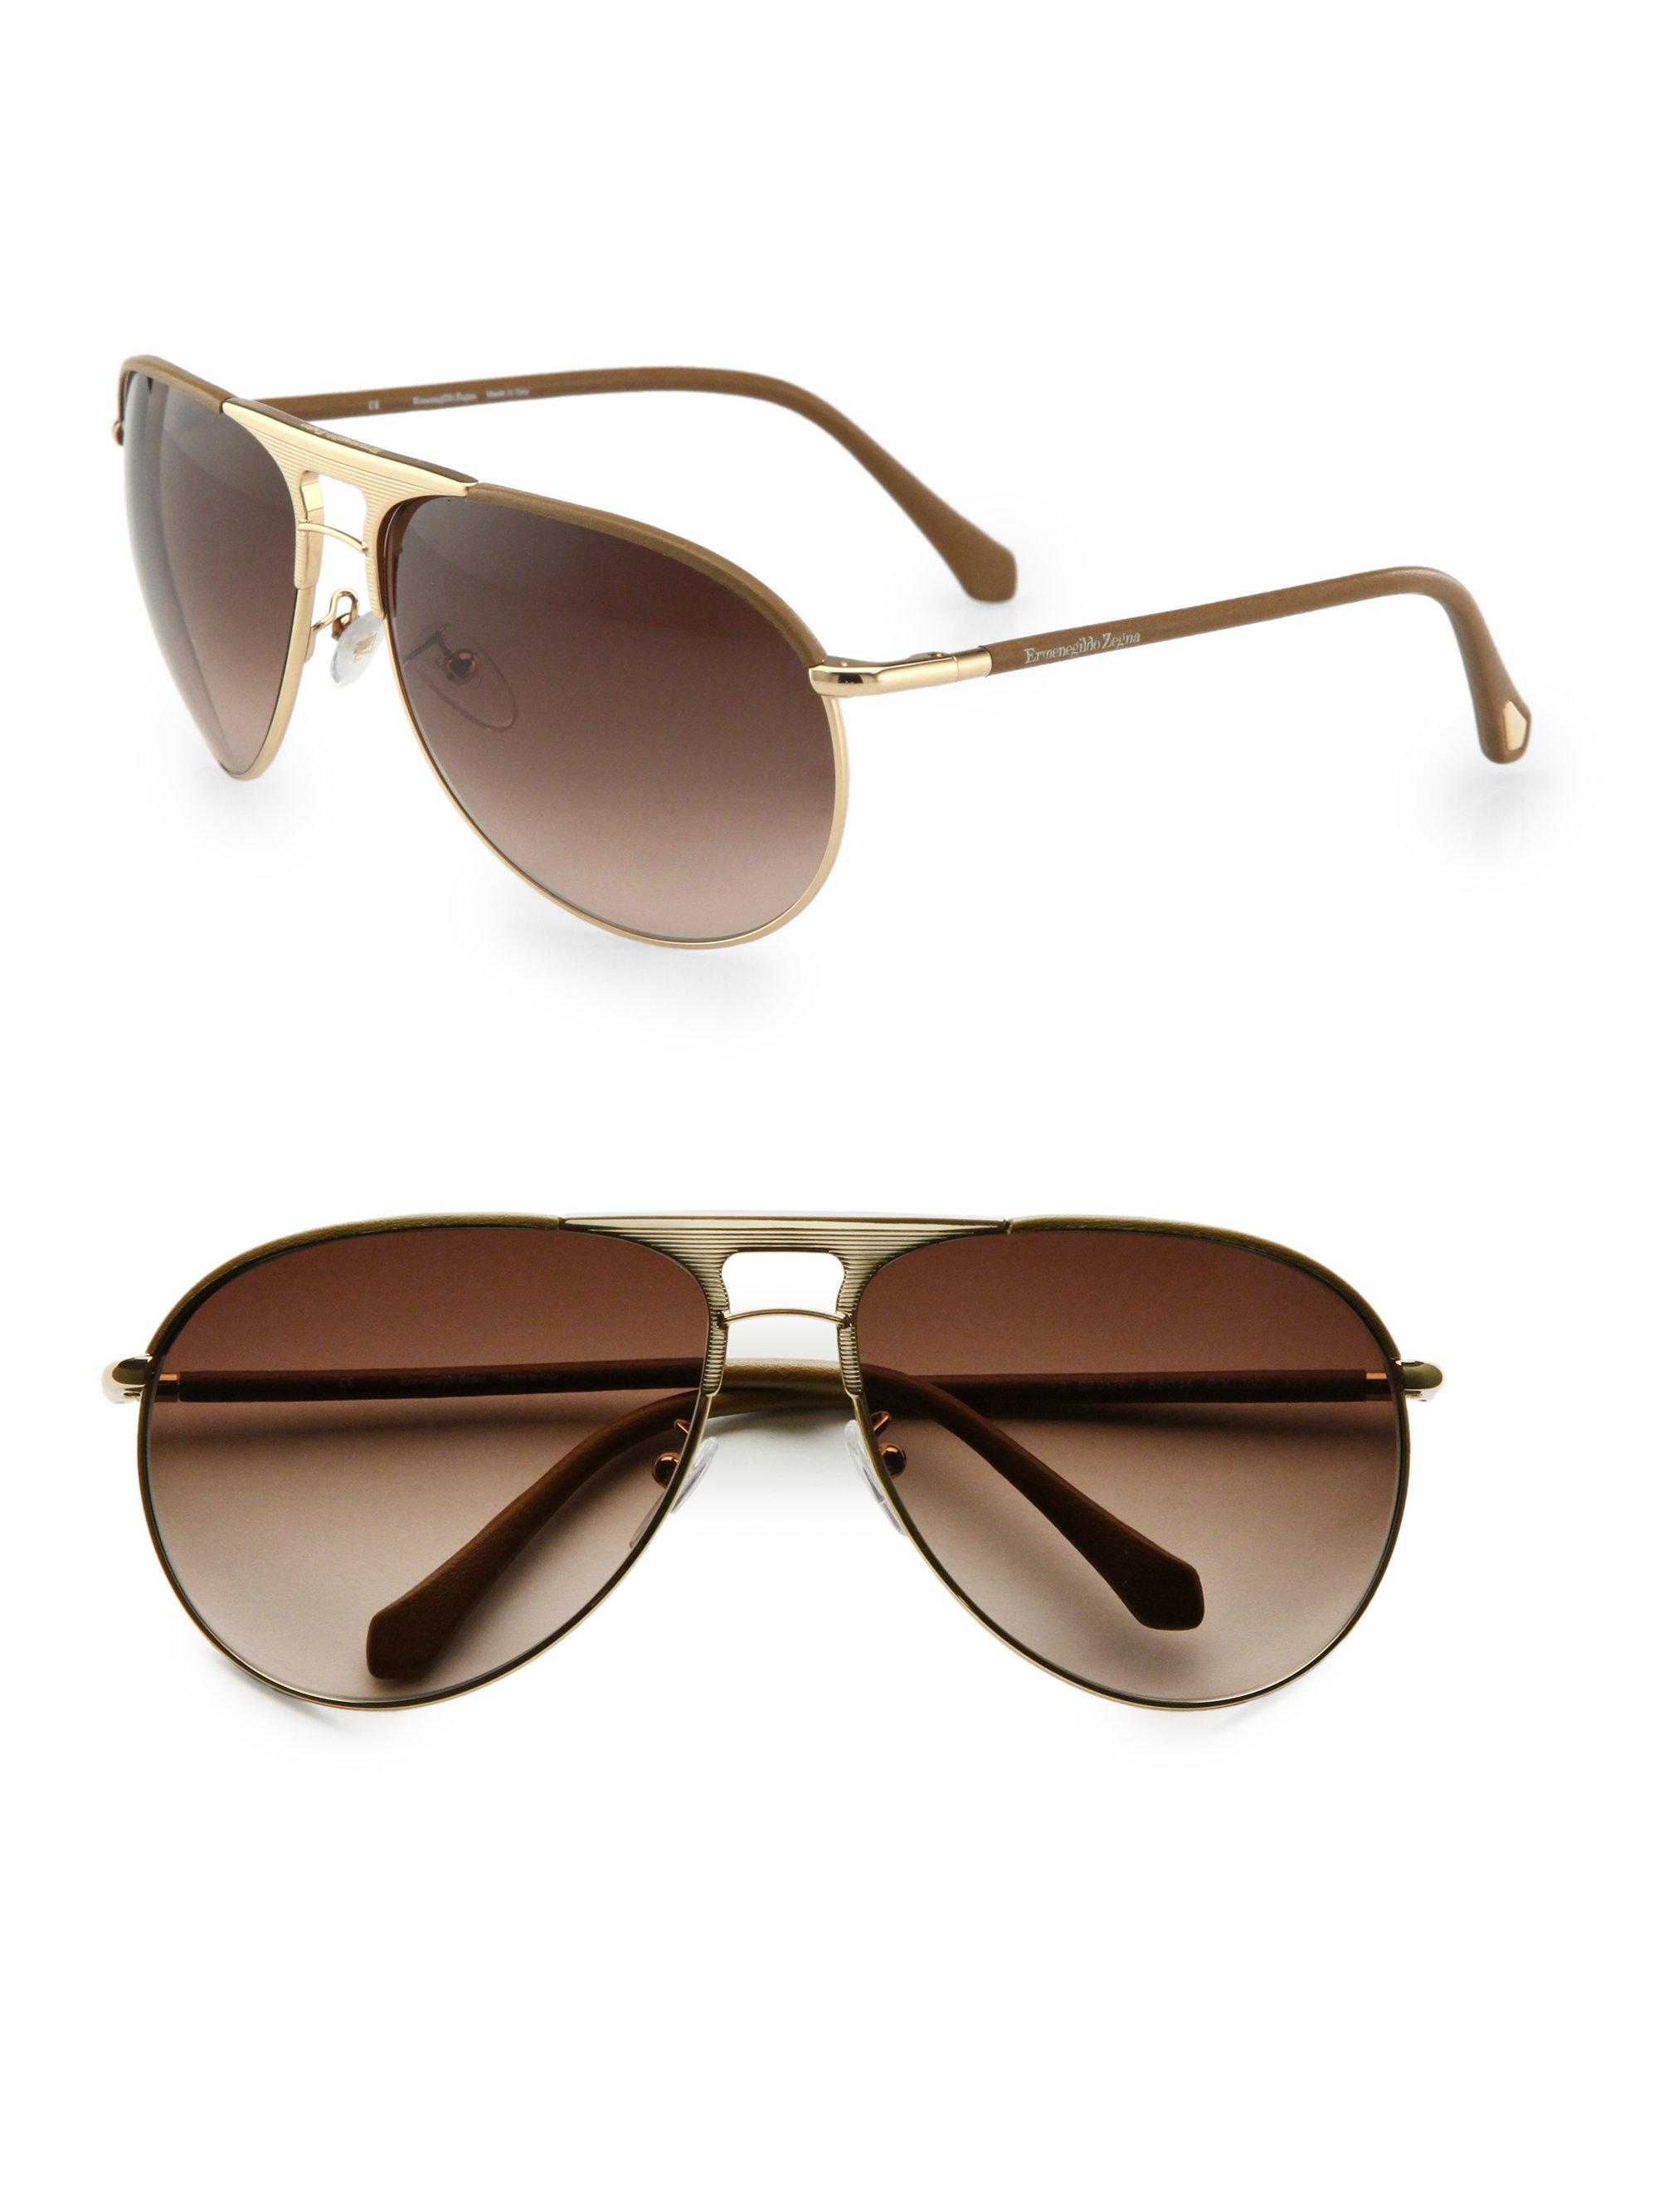 cdea758969aa Ermenegildo Zegna Aviator Sunglasses in Brown for Men - Lyst